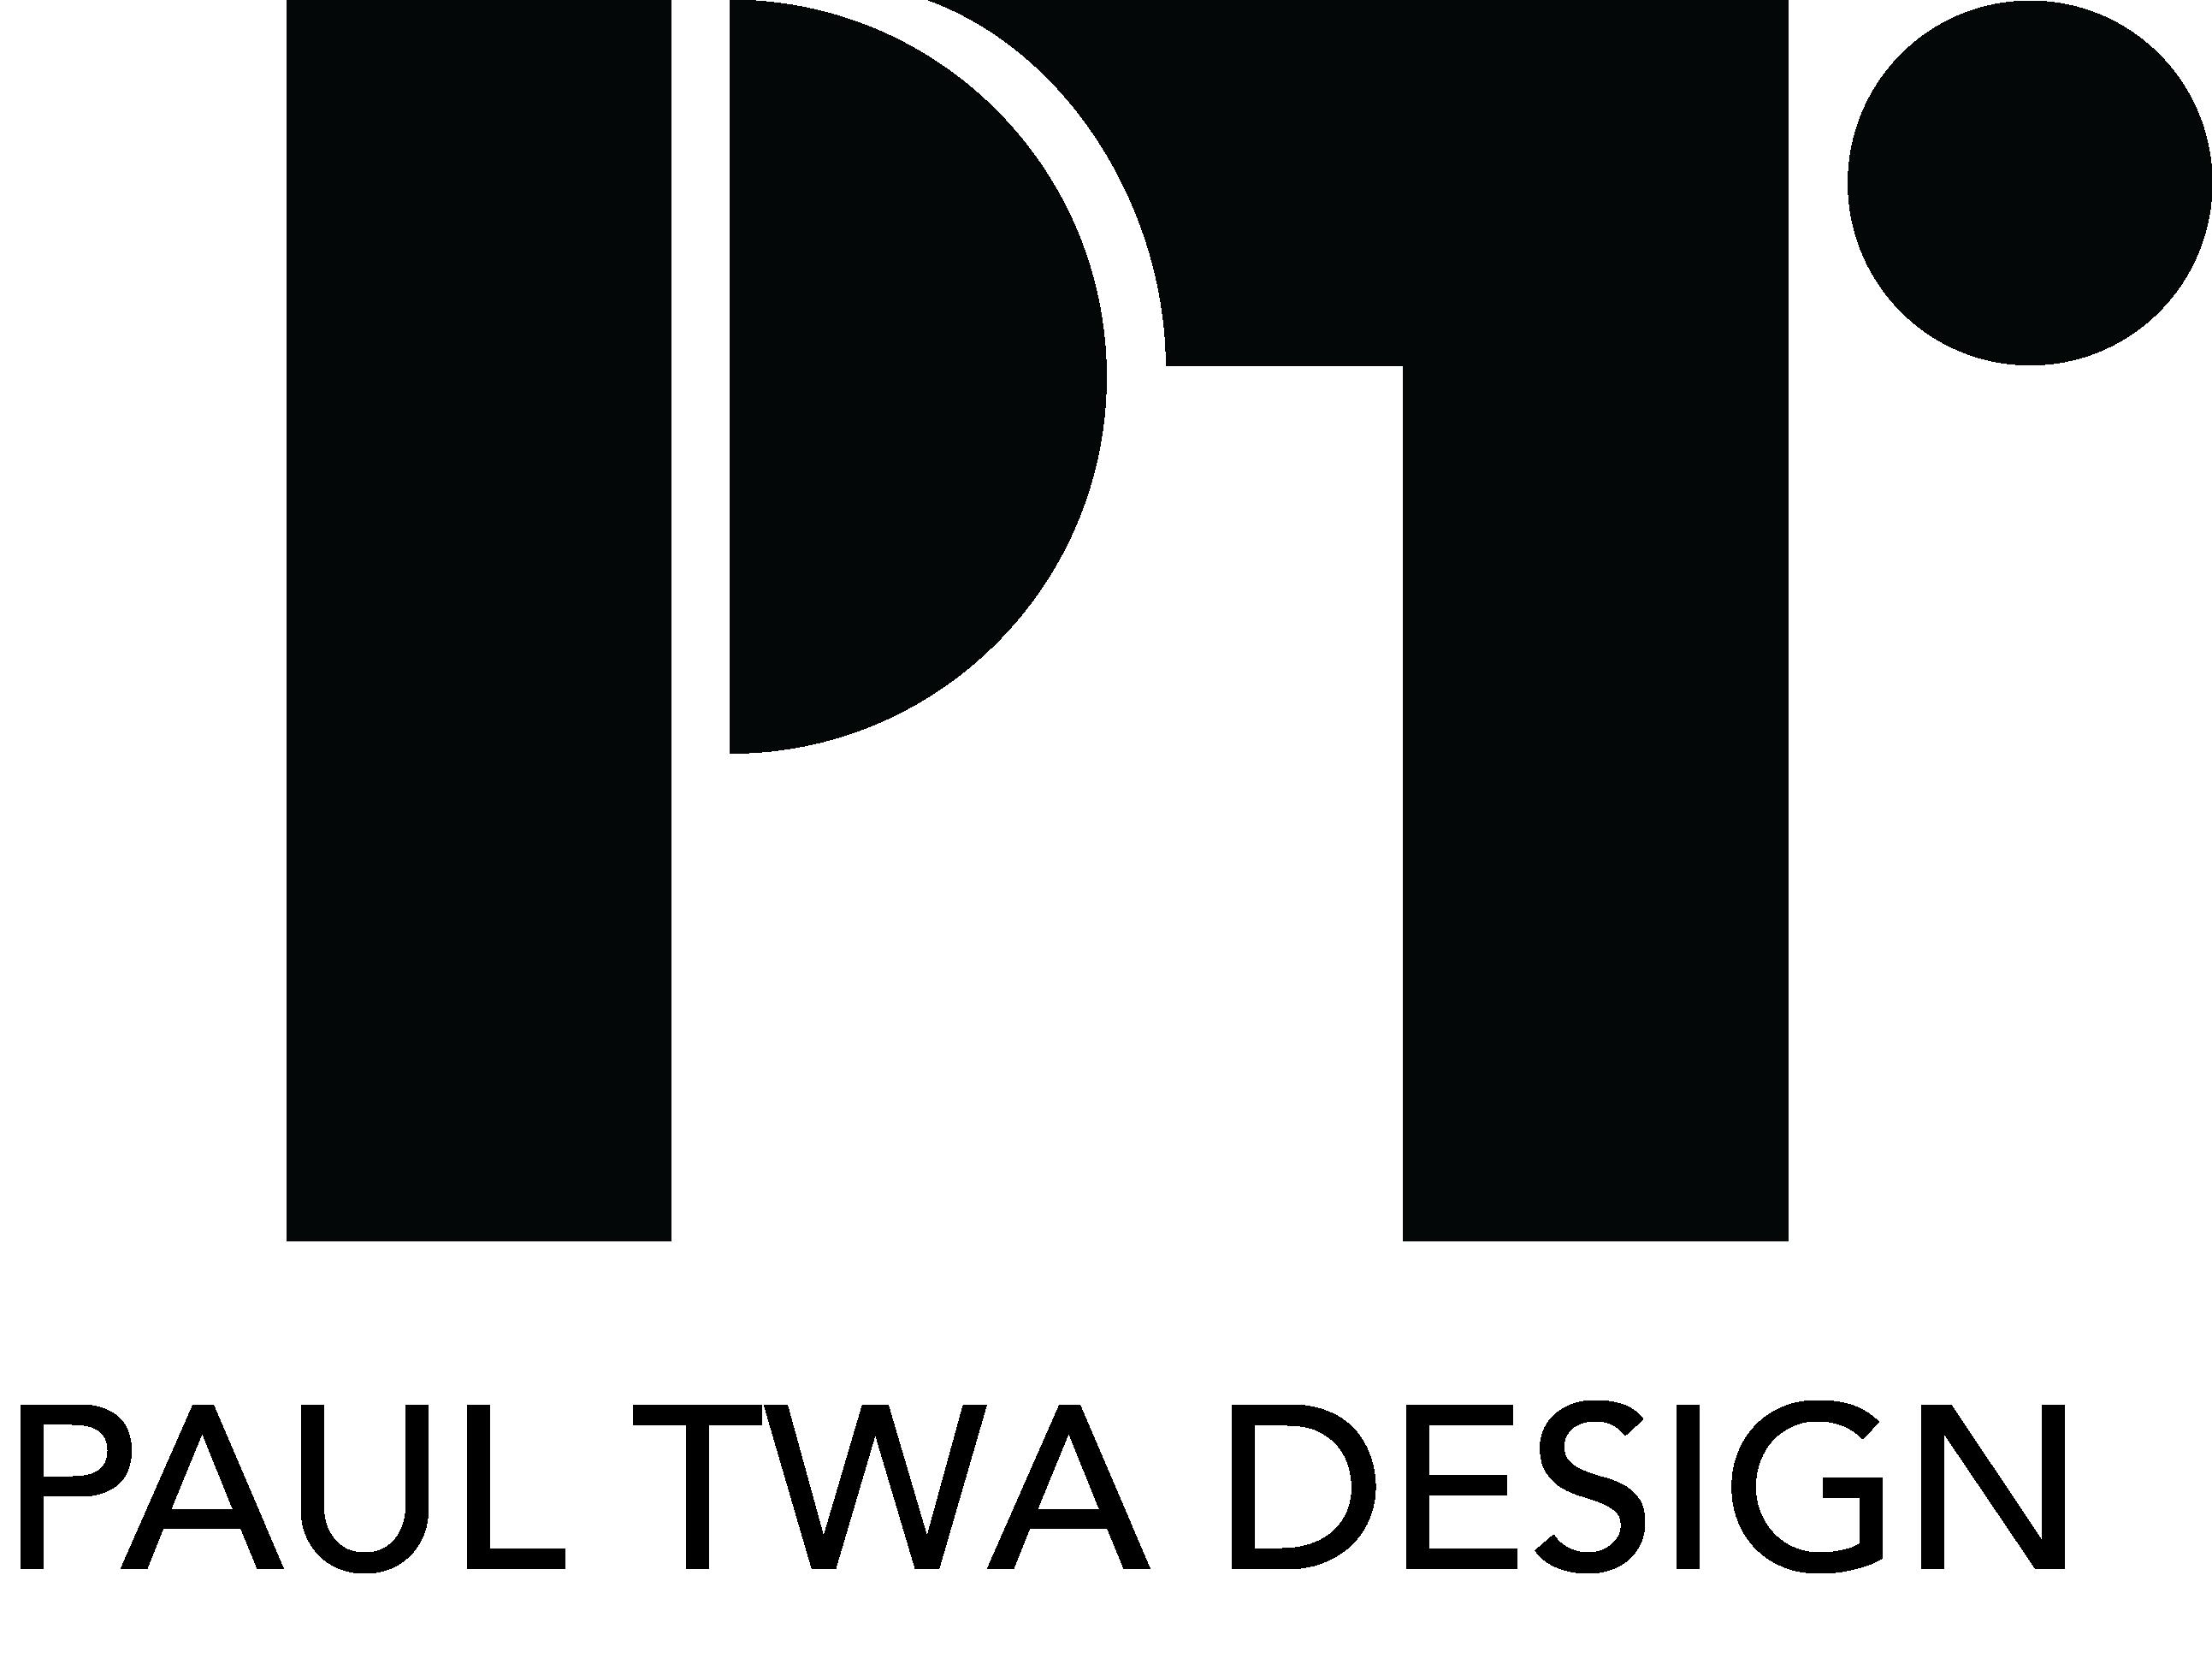 Paul Twa